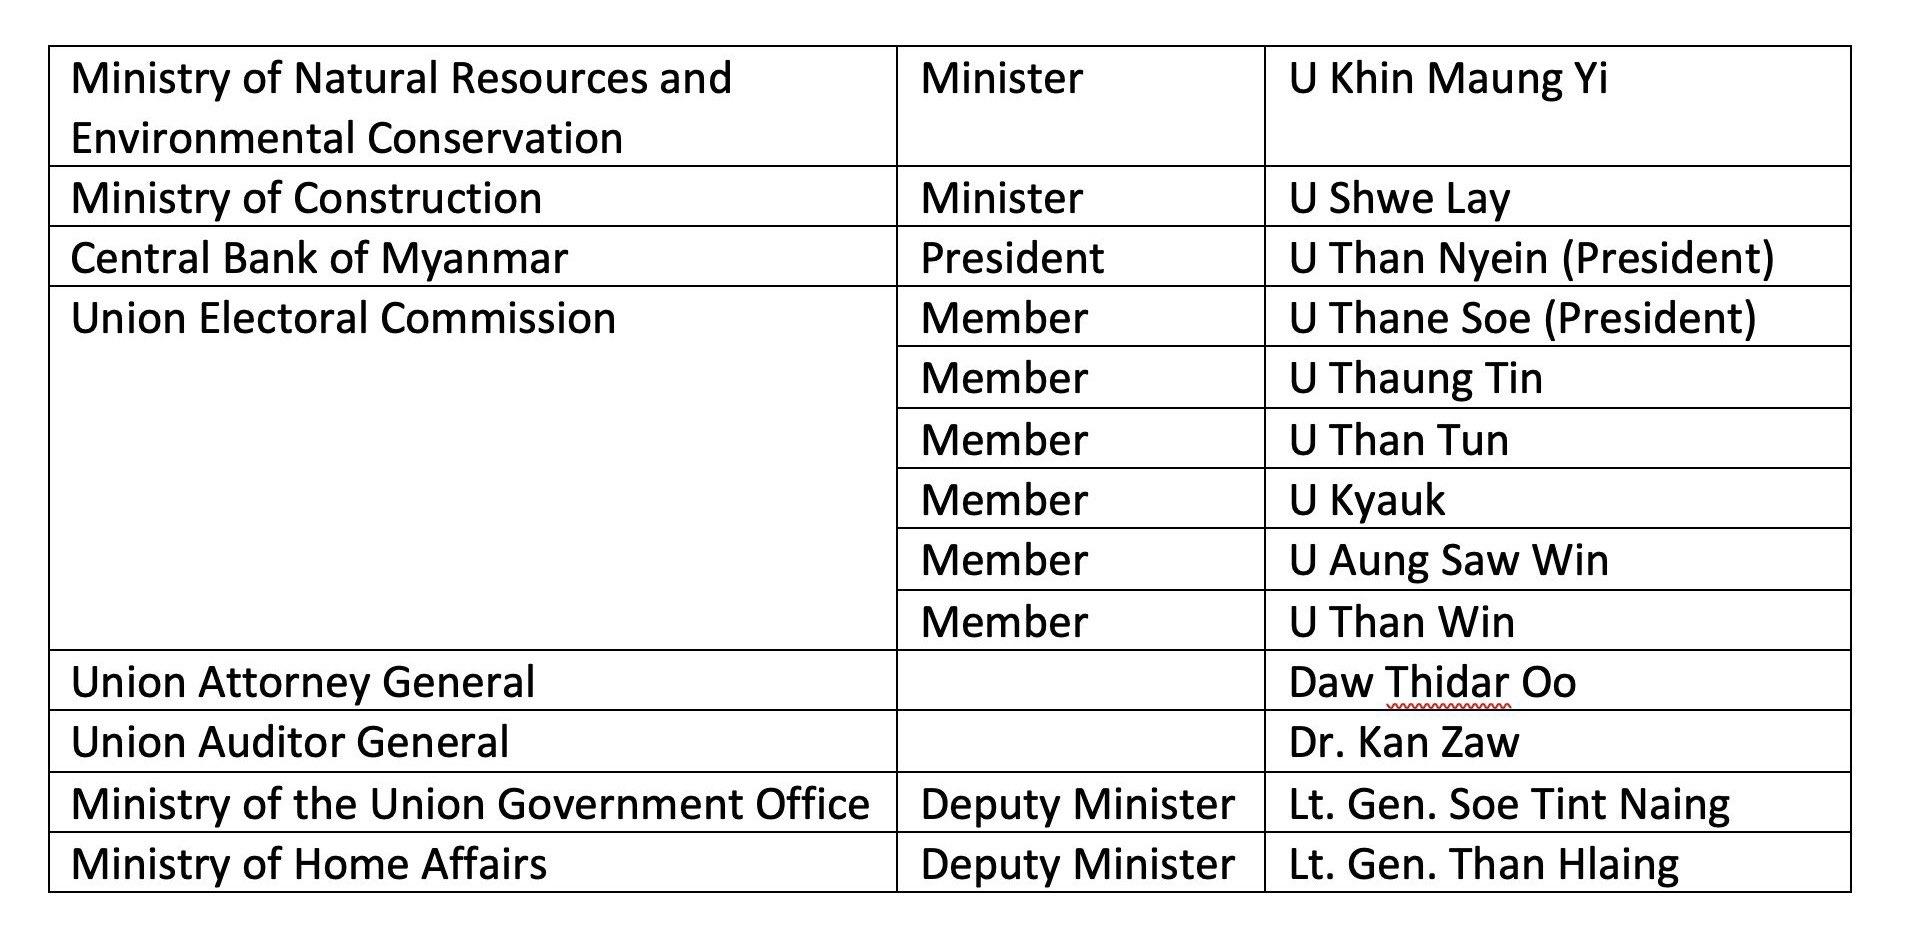 2021년2월2일 천연자원환경보전부 연방장관, 건설부 연방장관, 미얀마중앙은행 총재, 미얀마 선거관리위원회 개편도 있었습니다.